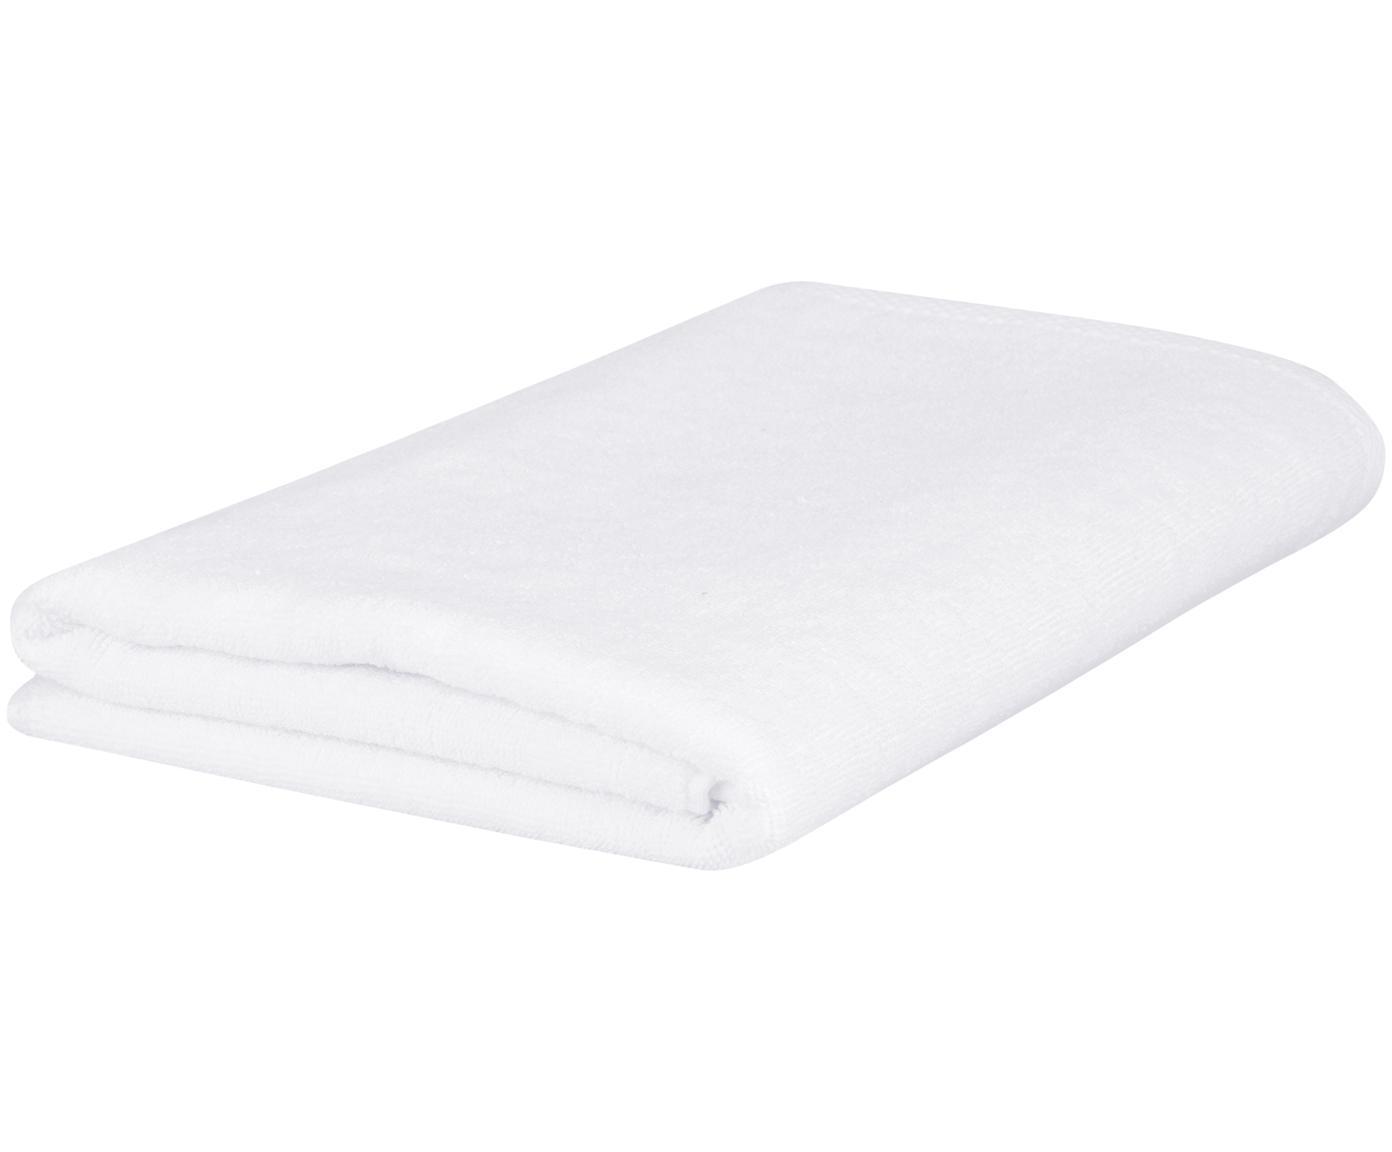 Toalla Comfort, Blanco, Toallas tocador